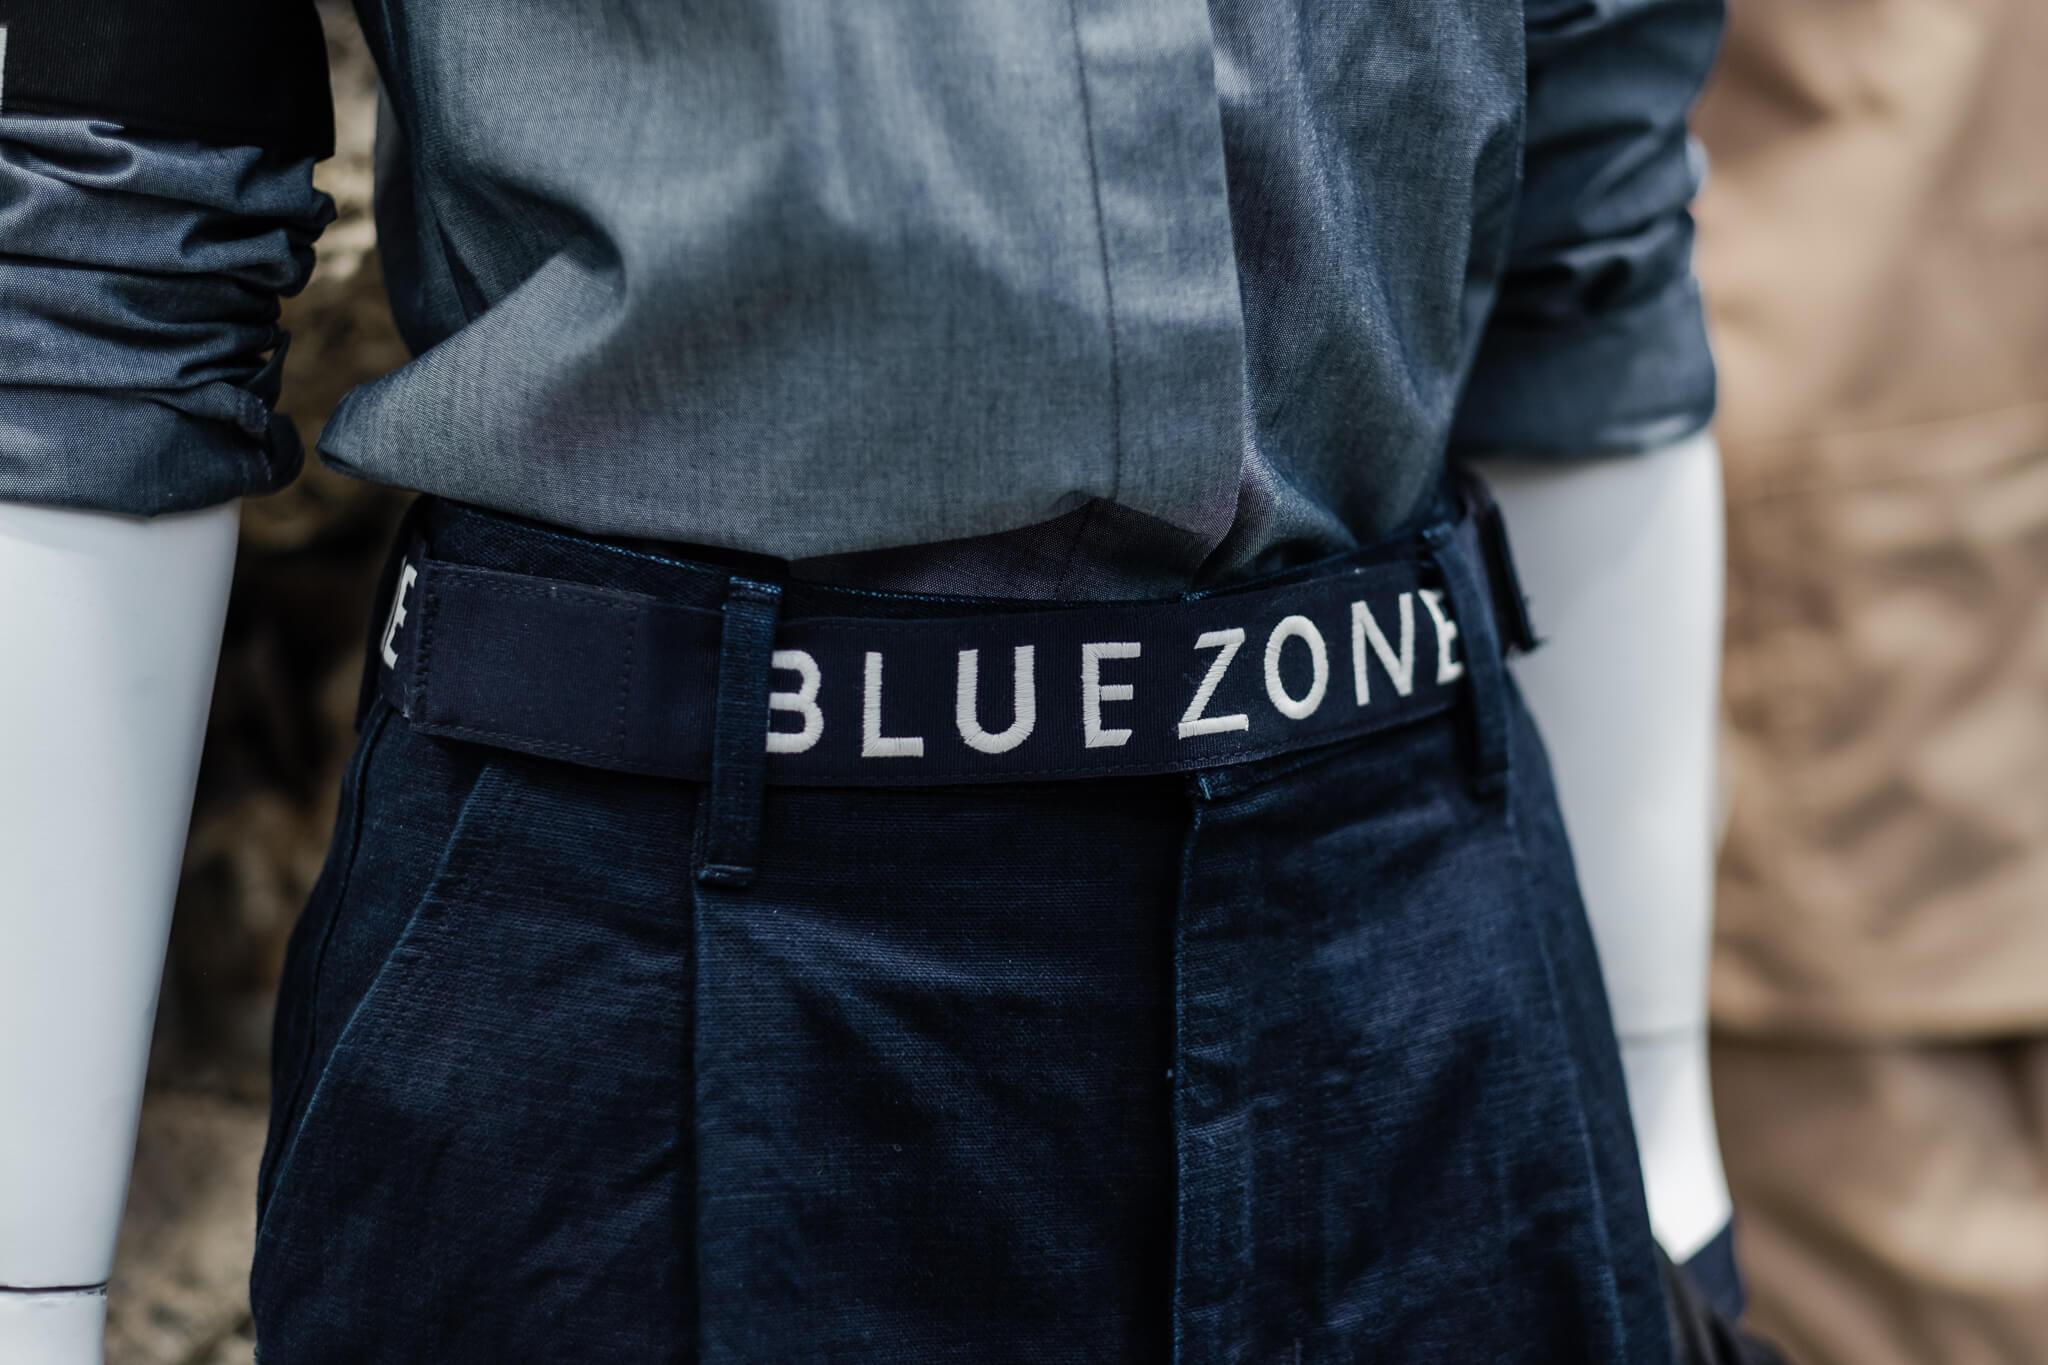 Bluezone